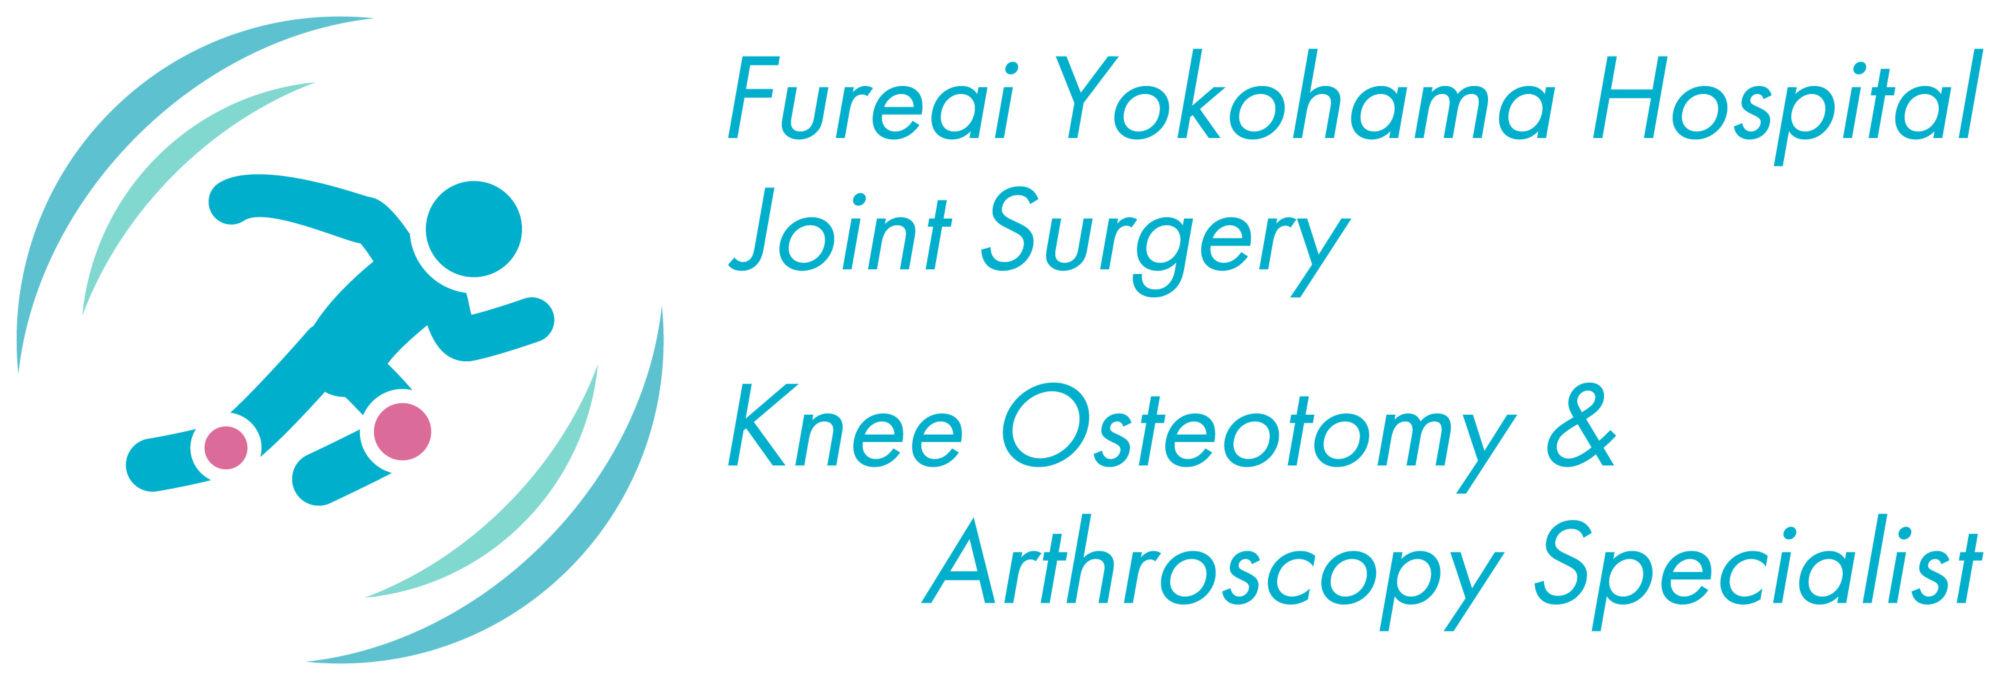 高位脛骨骨切り術|膝周囲骨切り術|膝骨壊死|ふれあい横浜